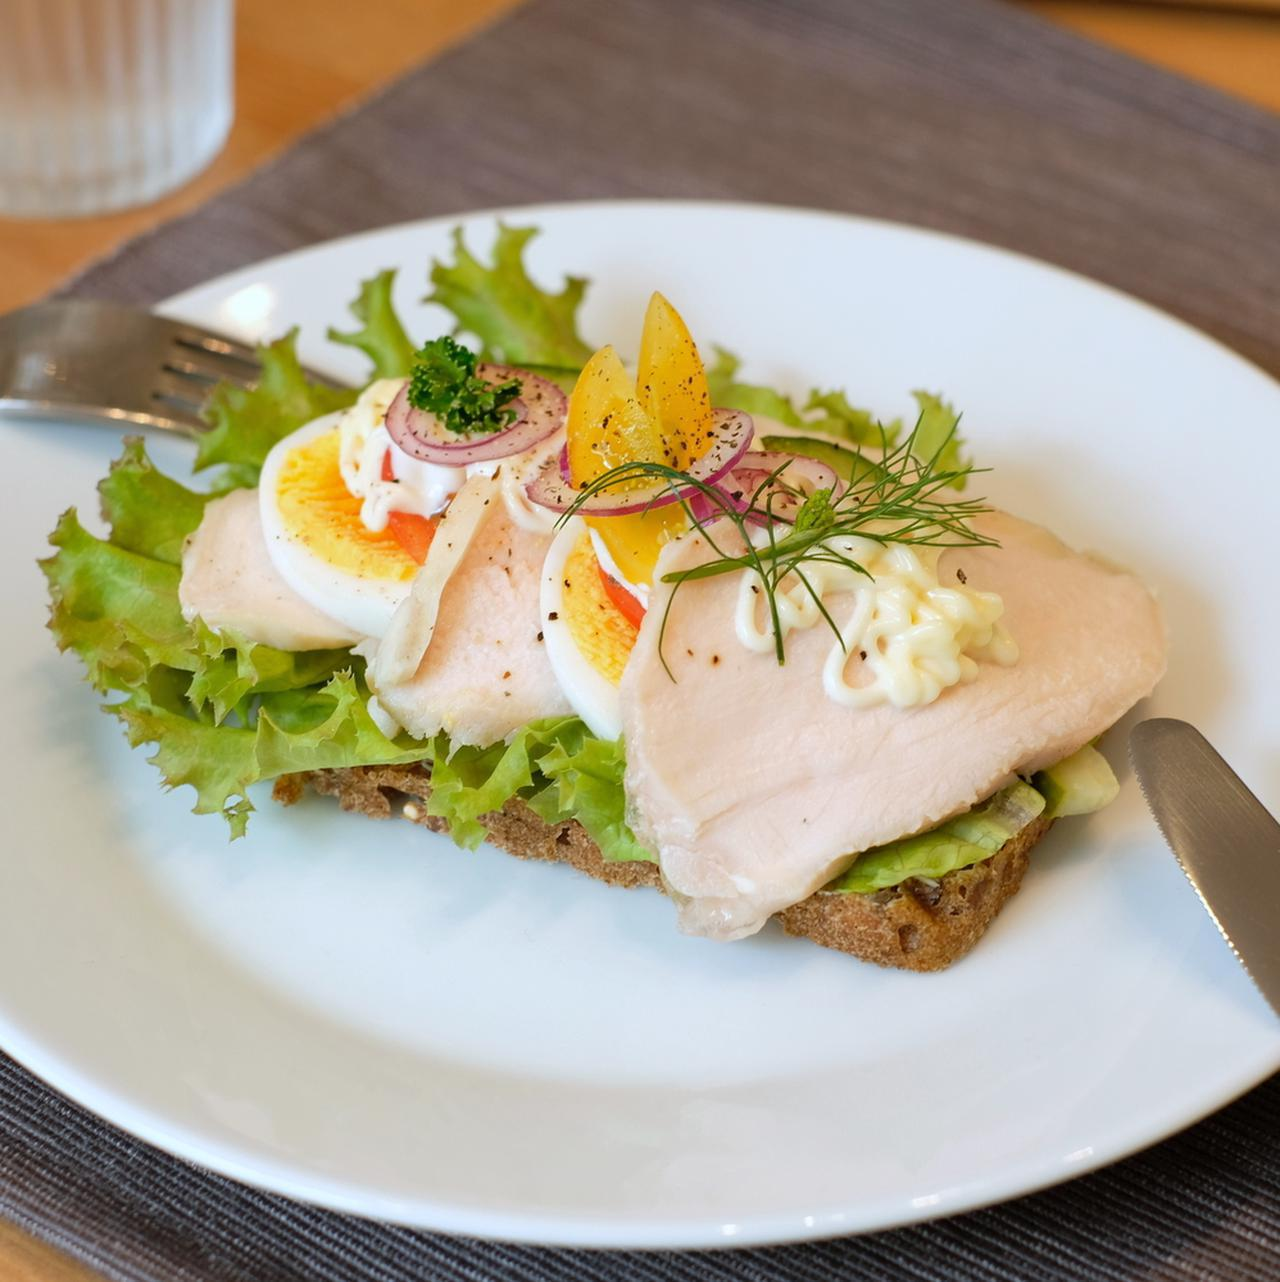 画像: ライ麦パンの上にフレッシュ野菜、そしてチーズやハーブやマリネ、時にスパイスやソースも加えたアレンジ自在のメニューです。食べる時はお皿に取り分けナイフとフォークでいただきます。